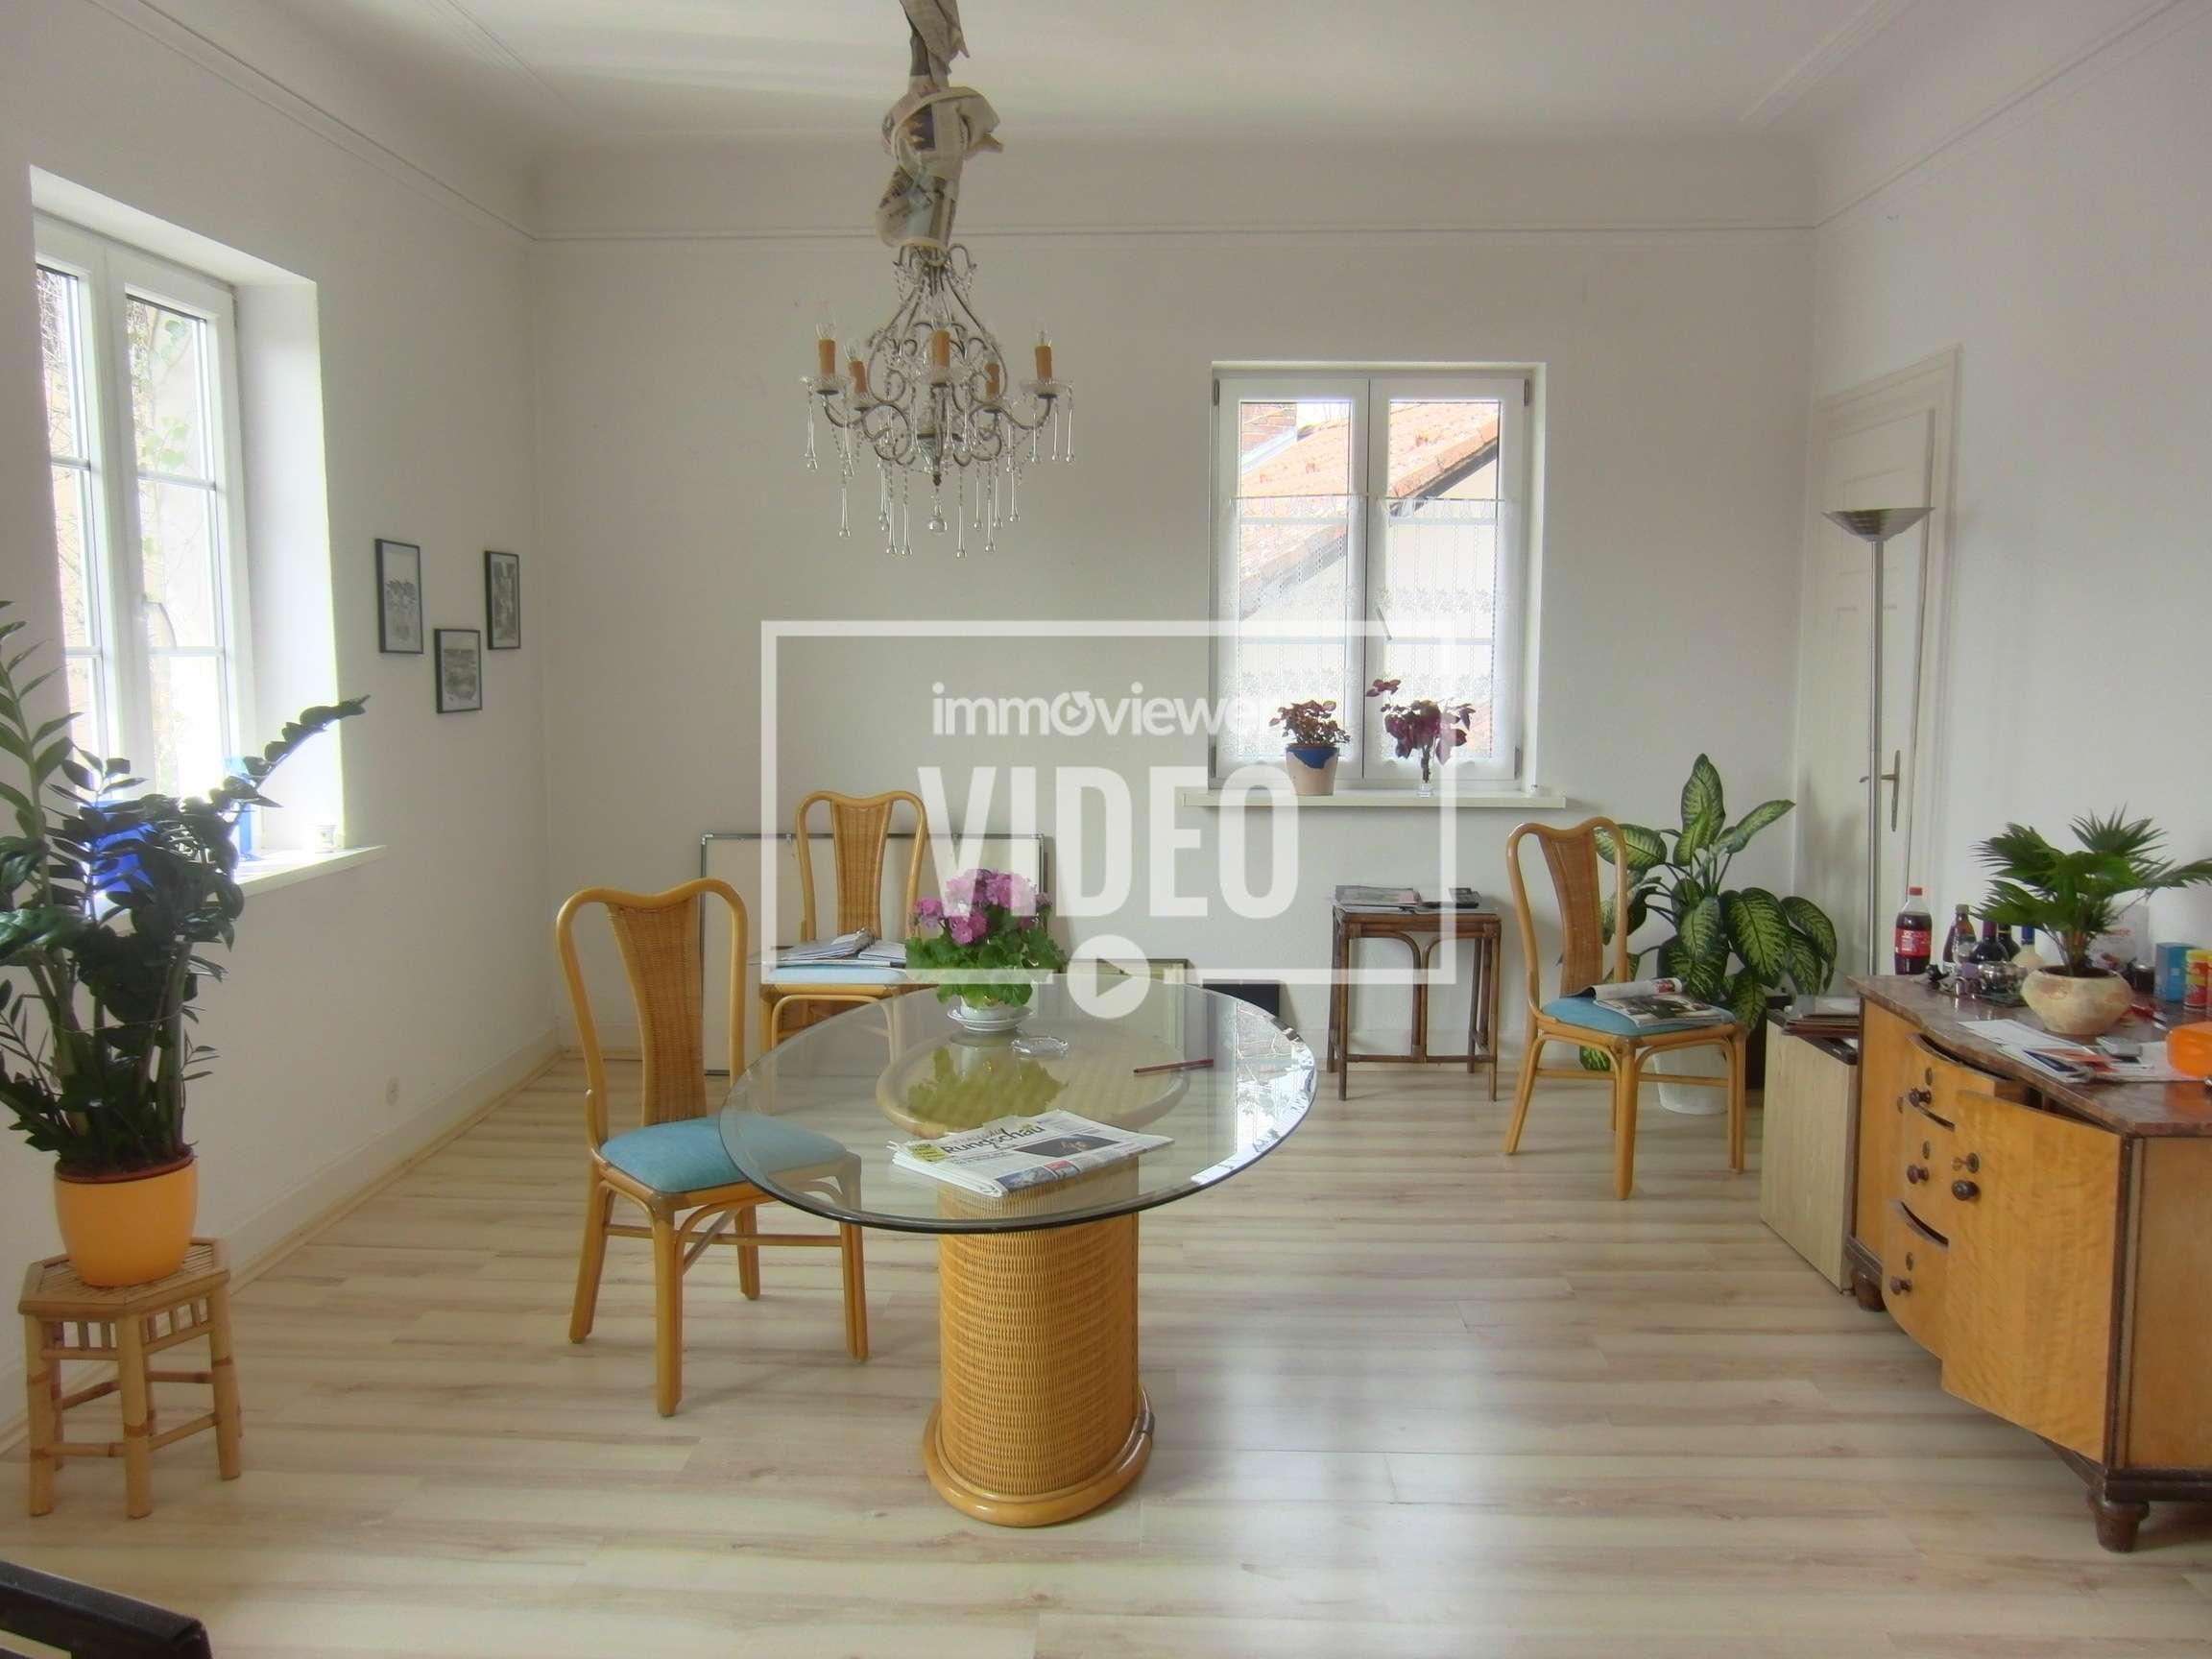 Stilvolle Altbau-Wohnung! Mitten im Geschehen im Herzen von Bad Wörishofen! in Bad Wörishofen